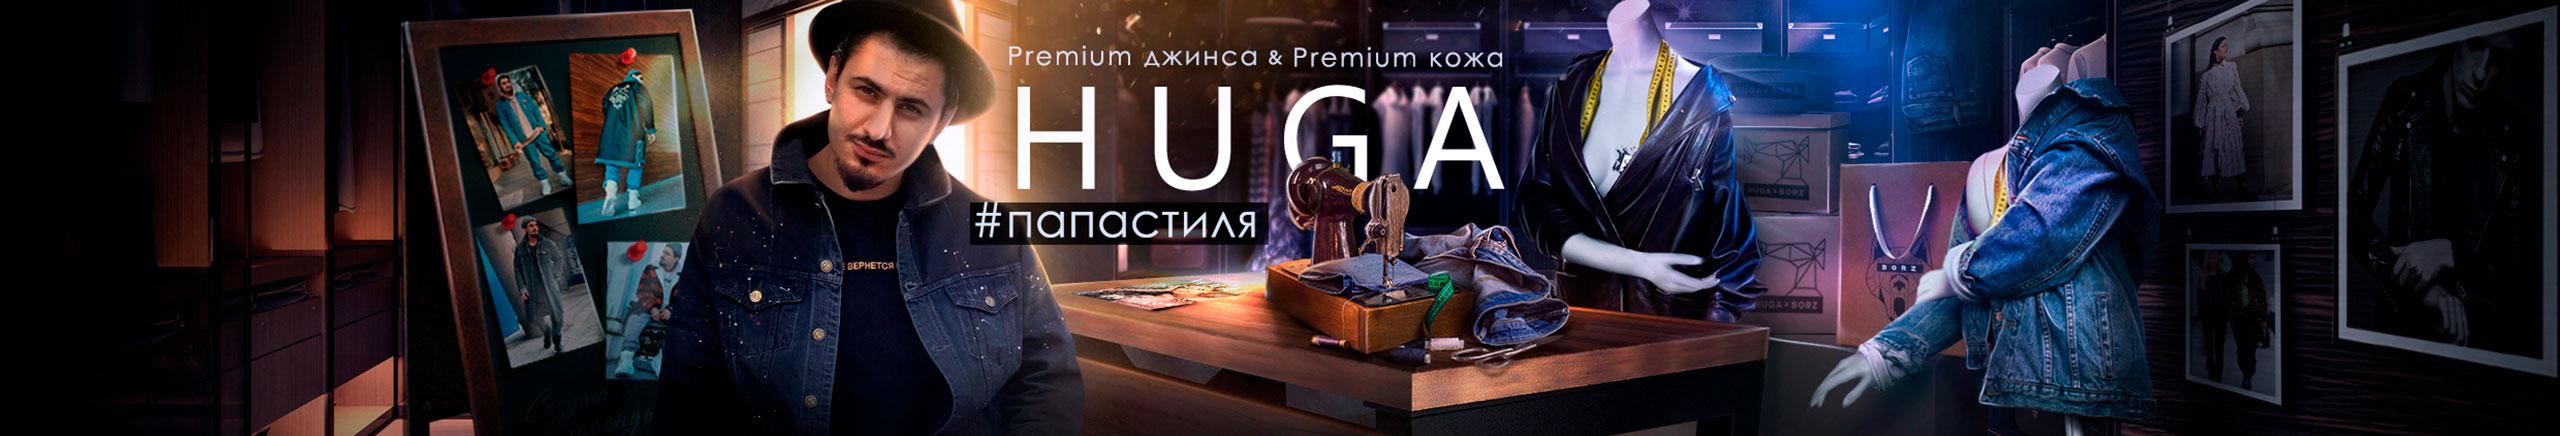 Шапка канала Оформление Youtube канала кейс Винера Хафизова